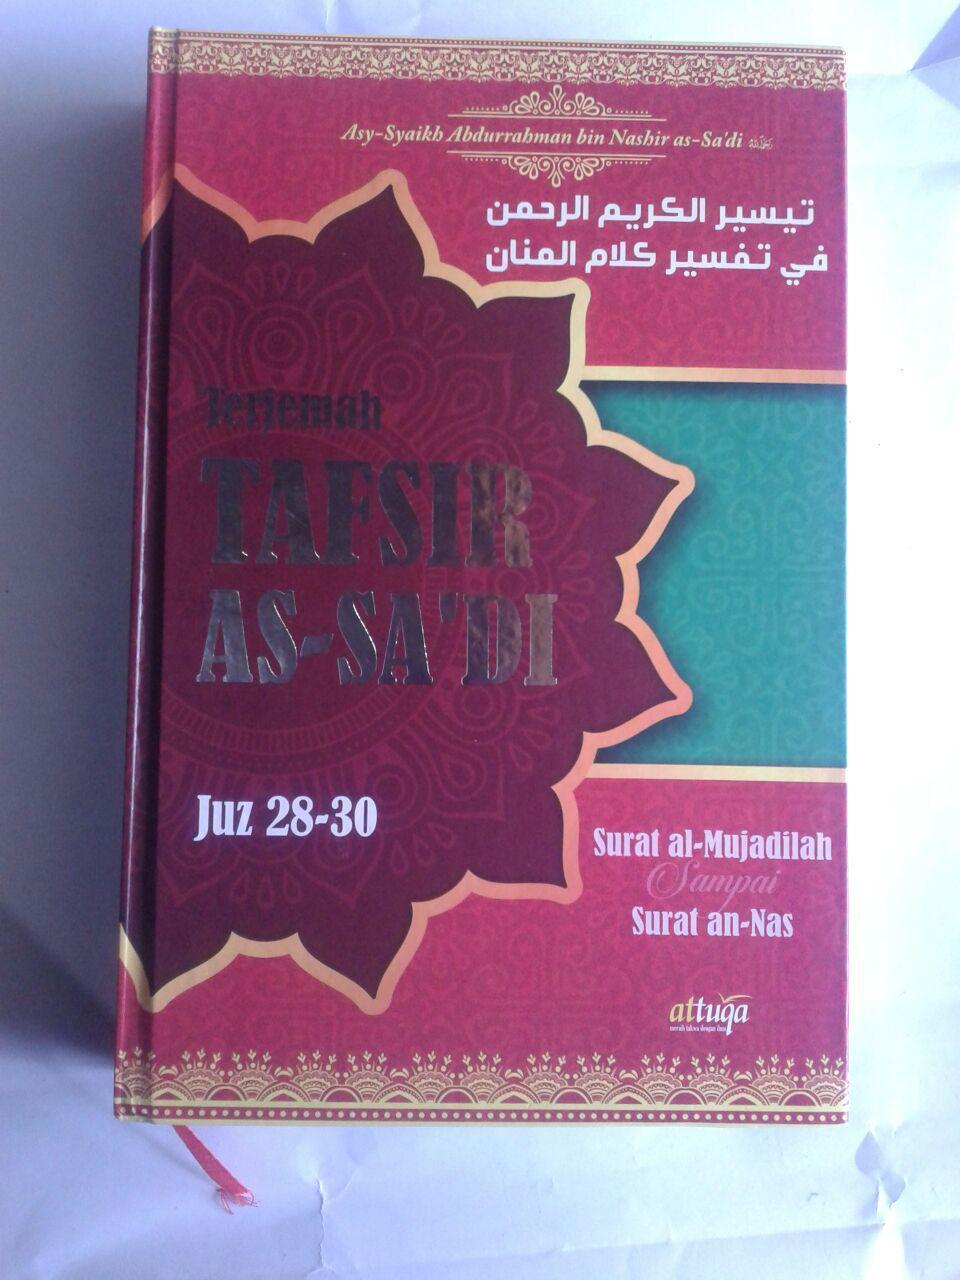 Buku Terjemah Tafsir As-Sa'di Juz 28-30 cover 3